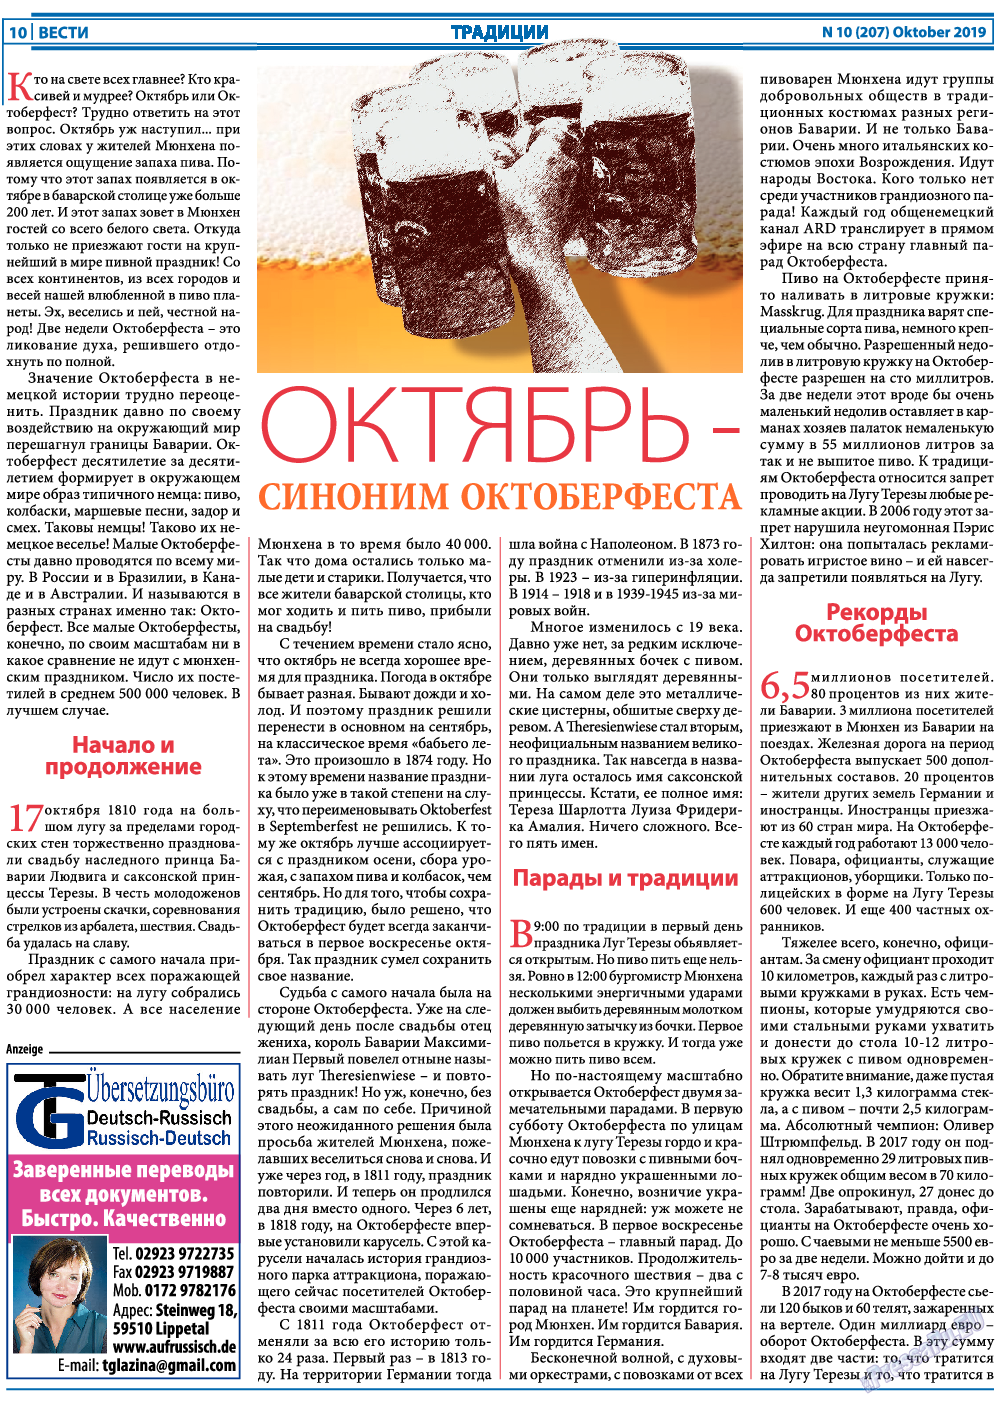 Вести (газета). 2019 год, номер 10, стр. 10